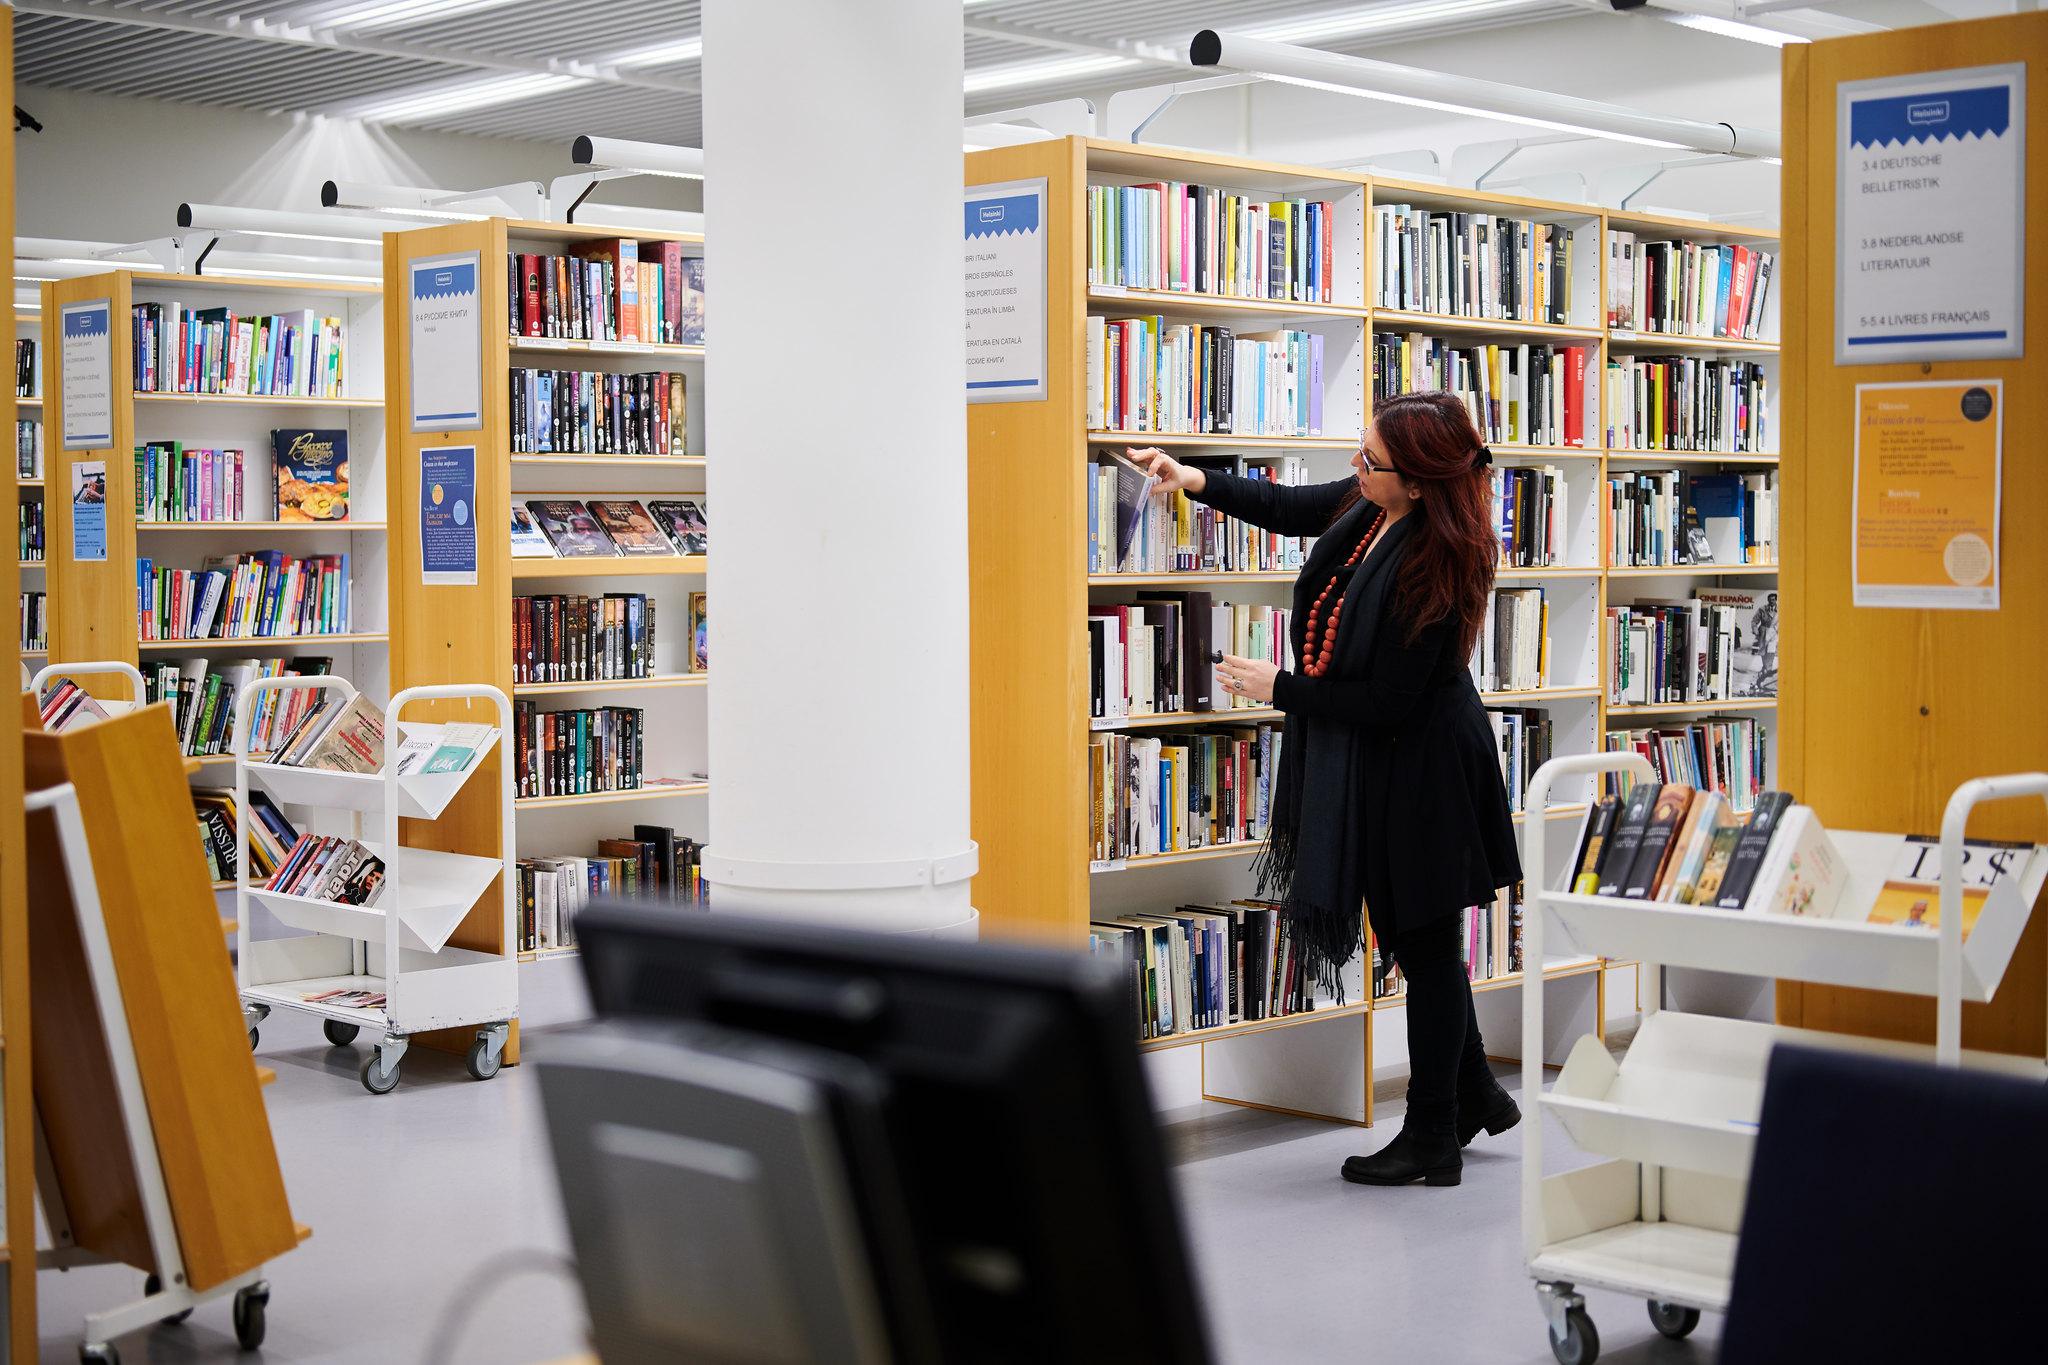 Henkilö kirjastossa